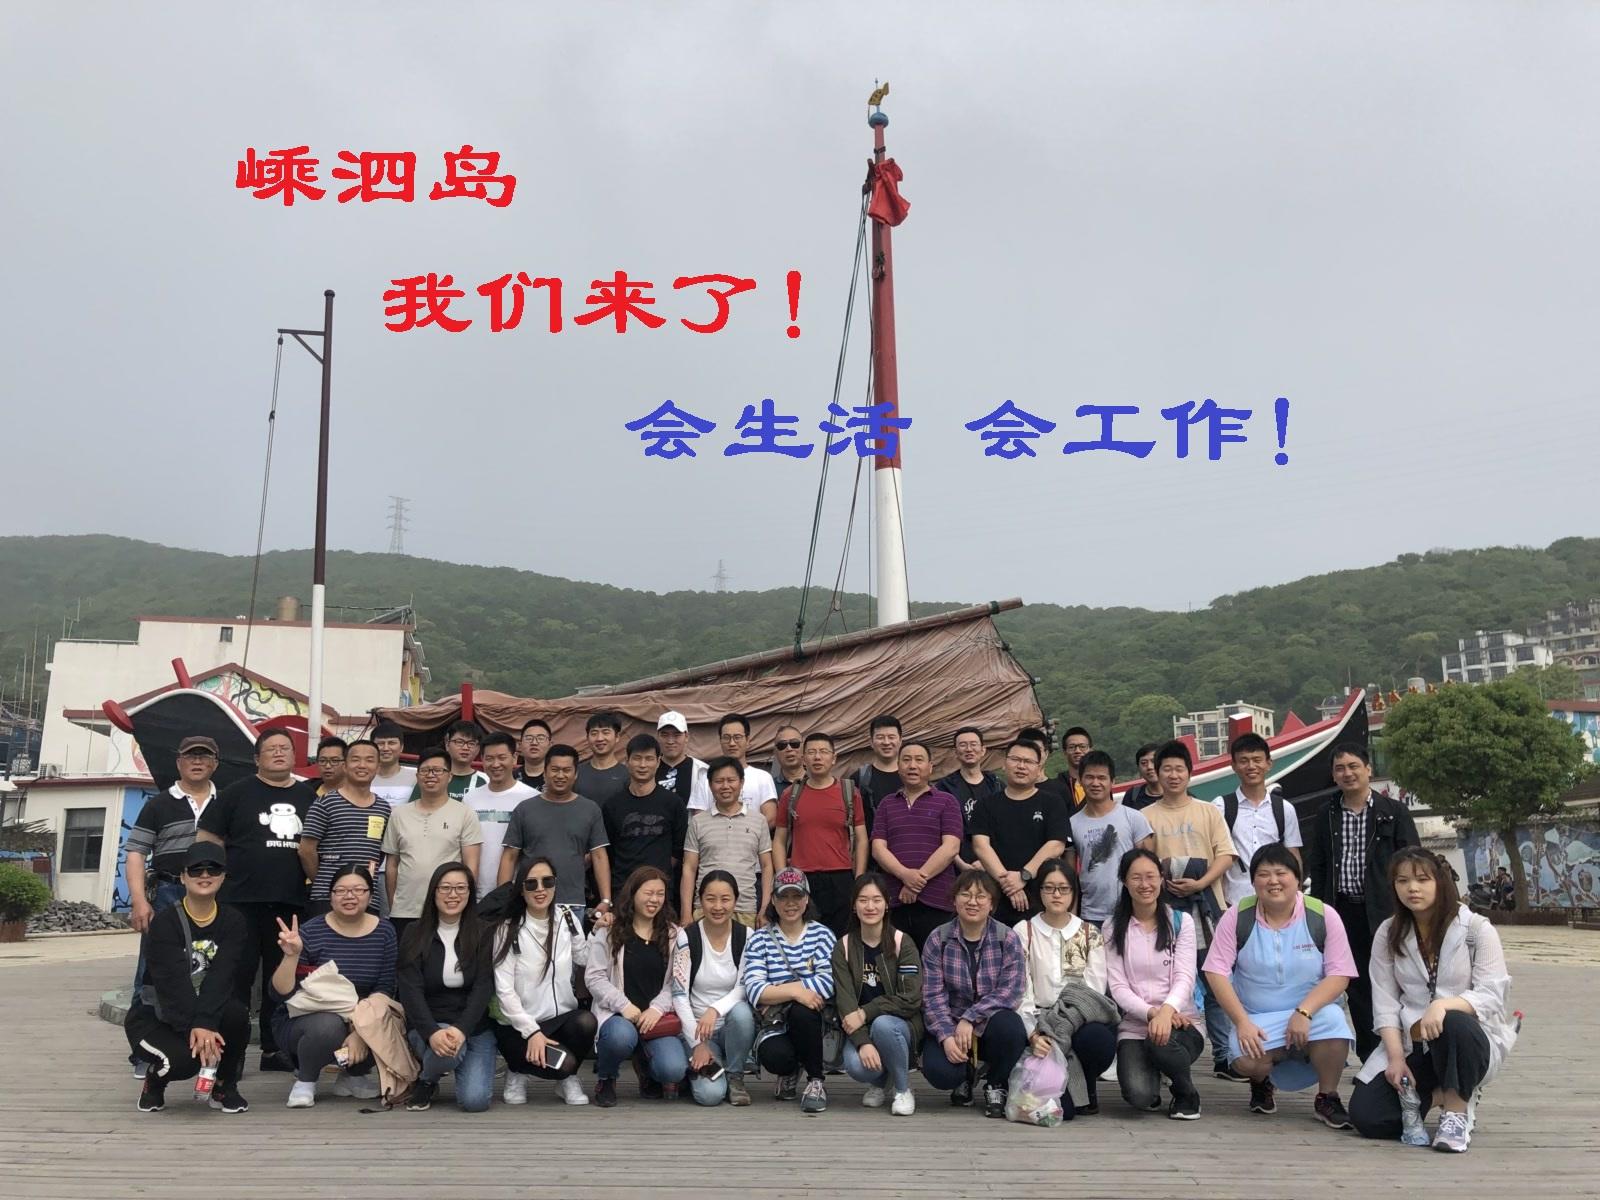 中安科技运营部2019年踏春(2019/05/20)